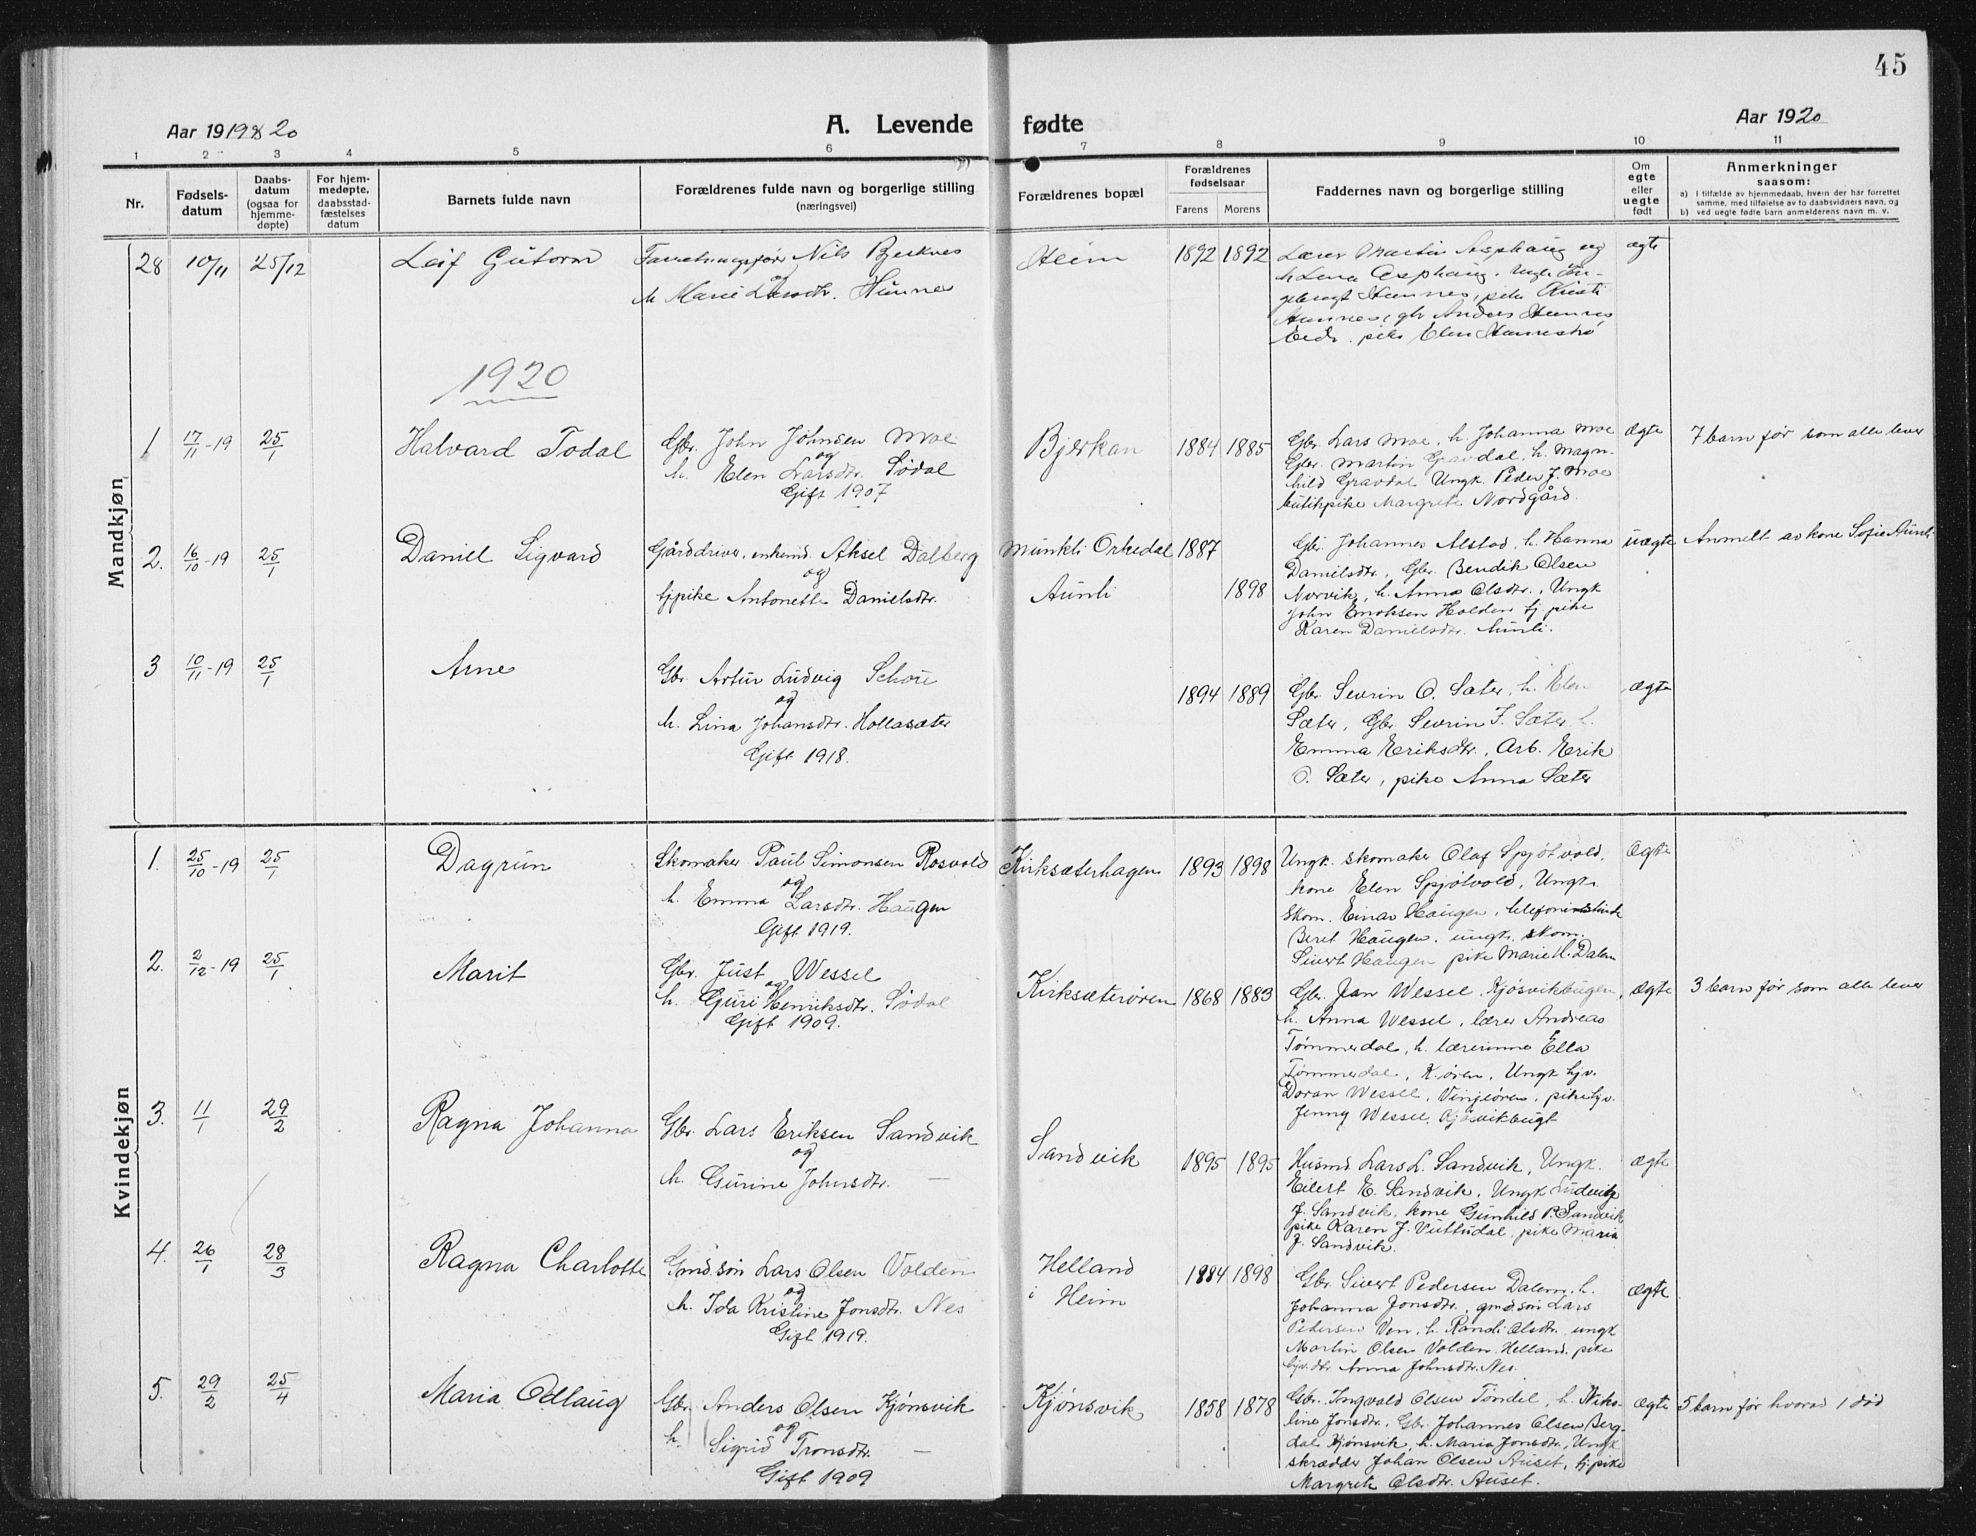 SAT, Ministerialprotokoller, klokkerbøker og fødselsregistre - Sør-Trøndelag, 630/L0506: Klokkerbok nr. 630C04, 1914-1933, s. 45